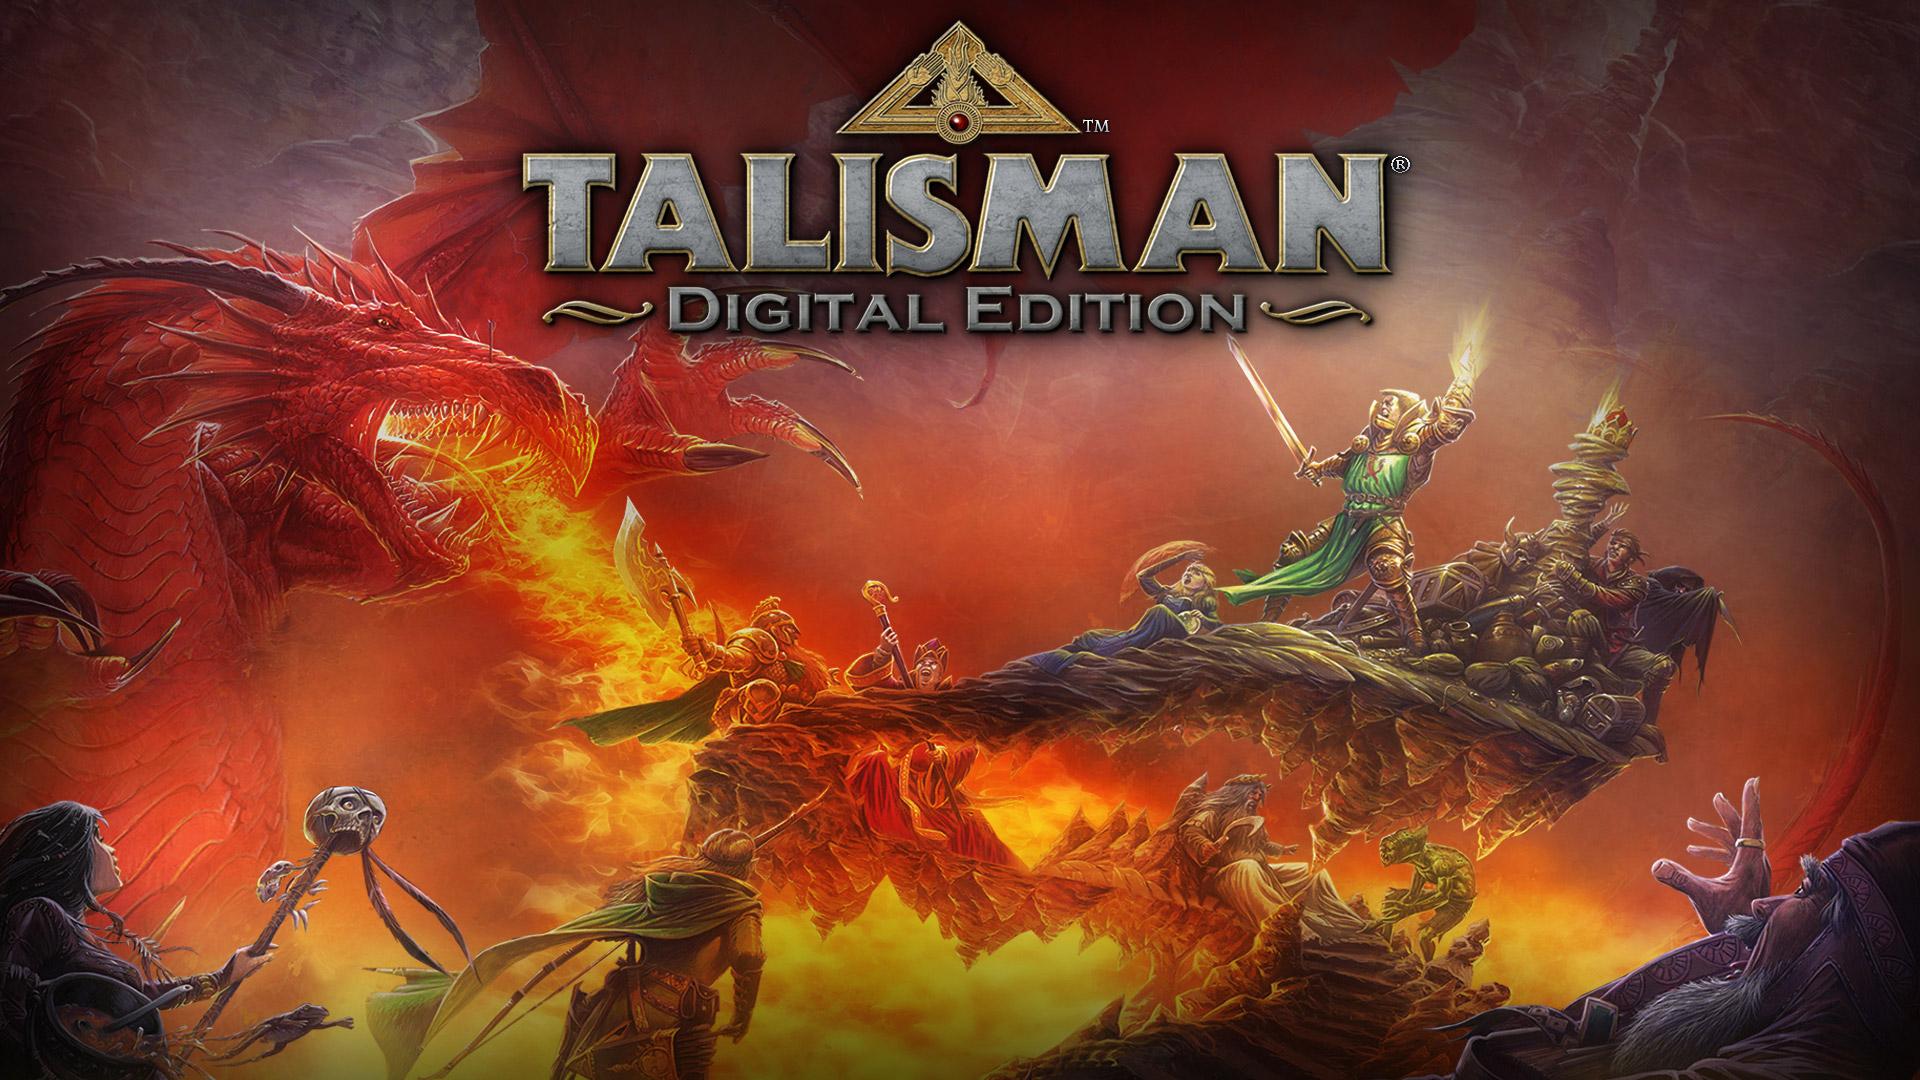 Free Talisman: Digital Edition Wallpaper in 1920x1080